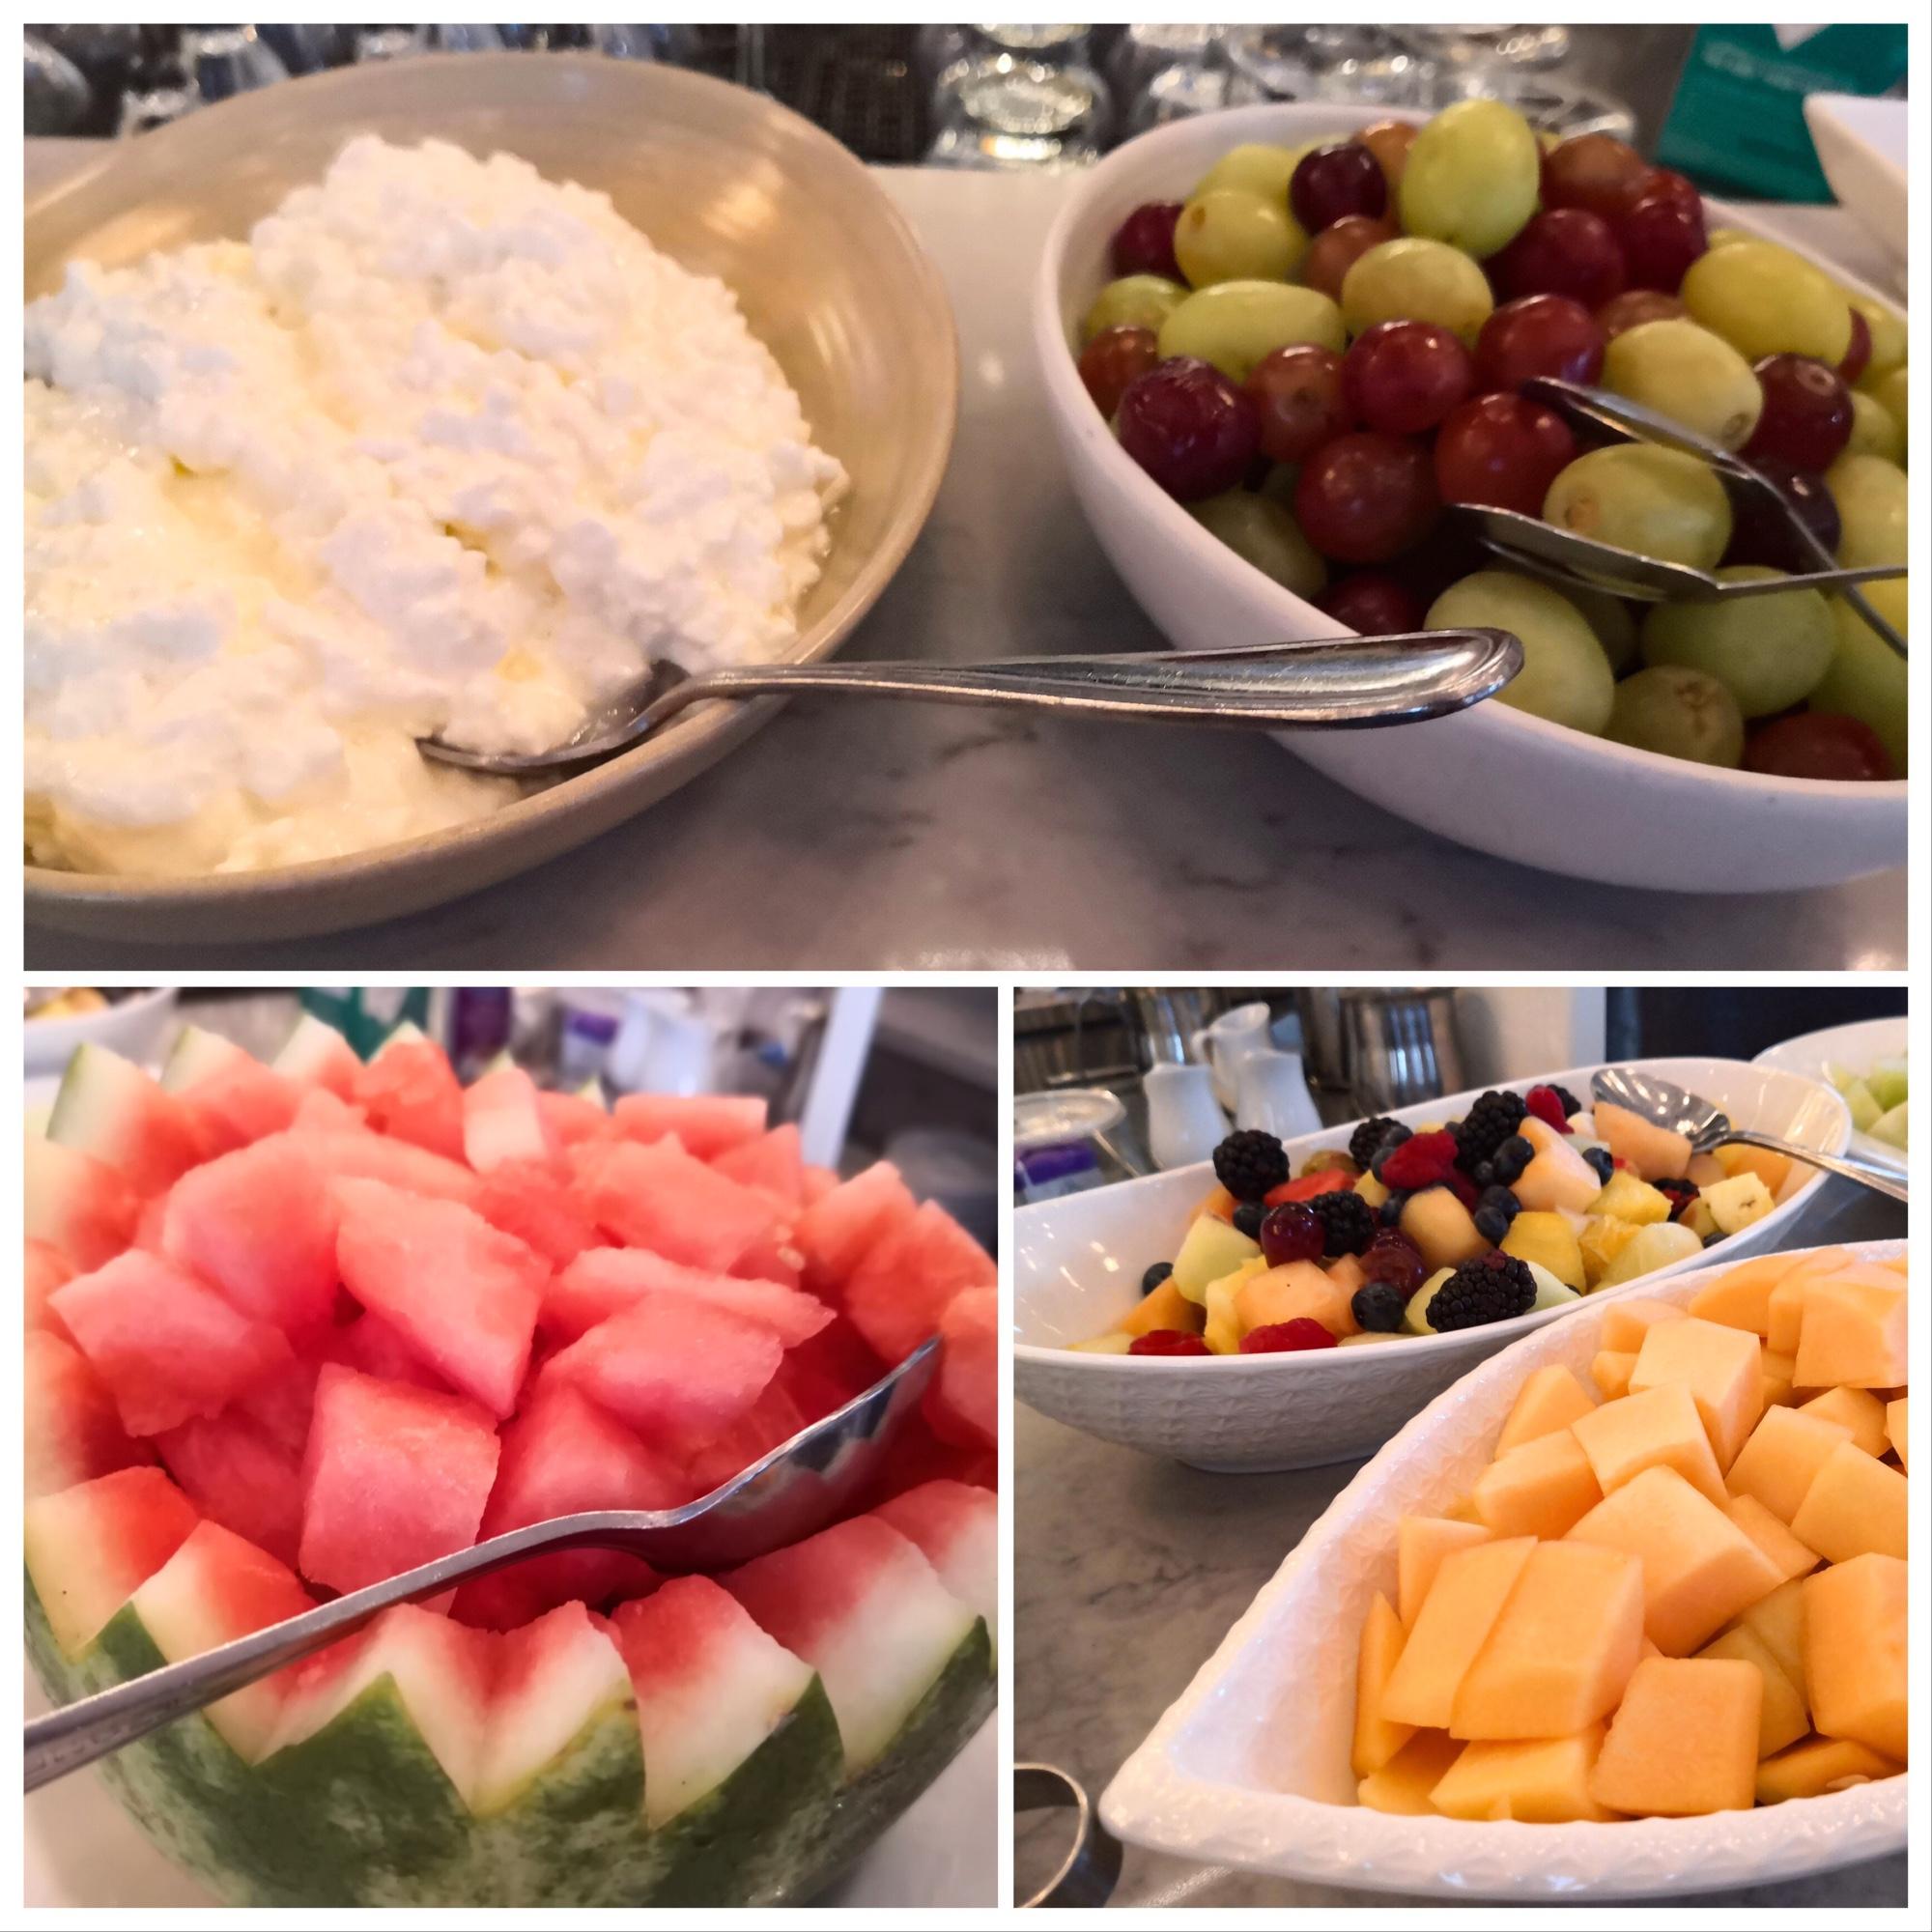 フルーツビュッフェが美味しい朝食 モントリオールのレストラン